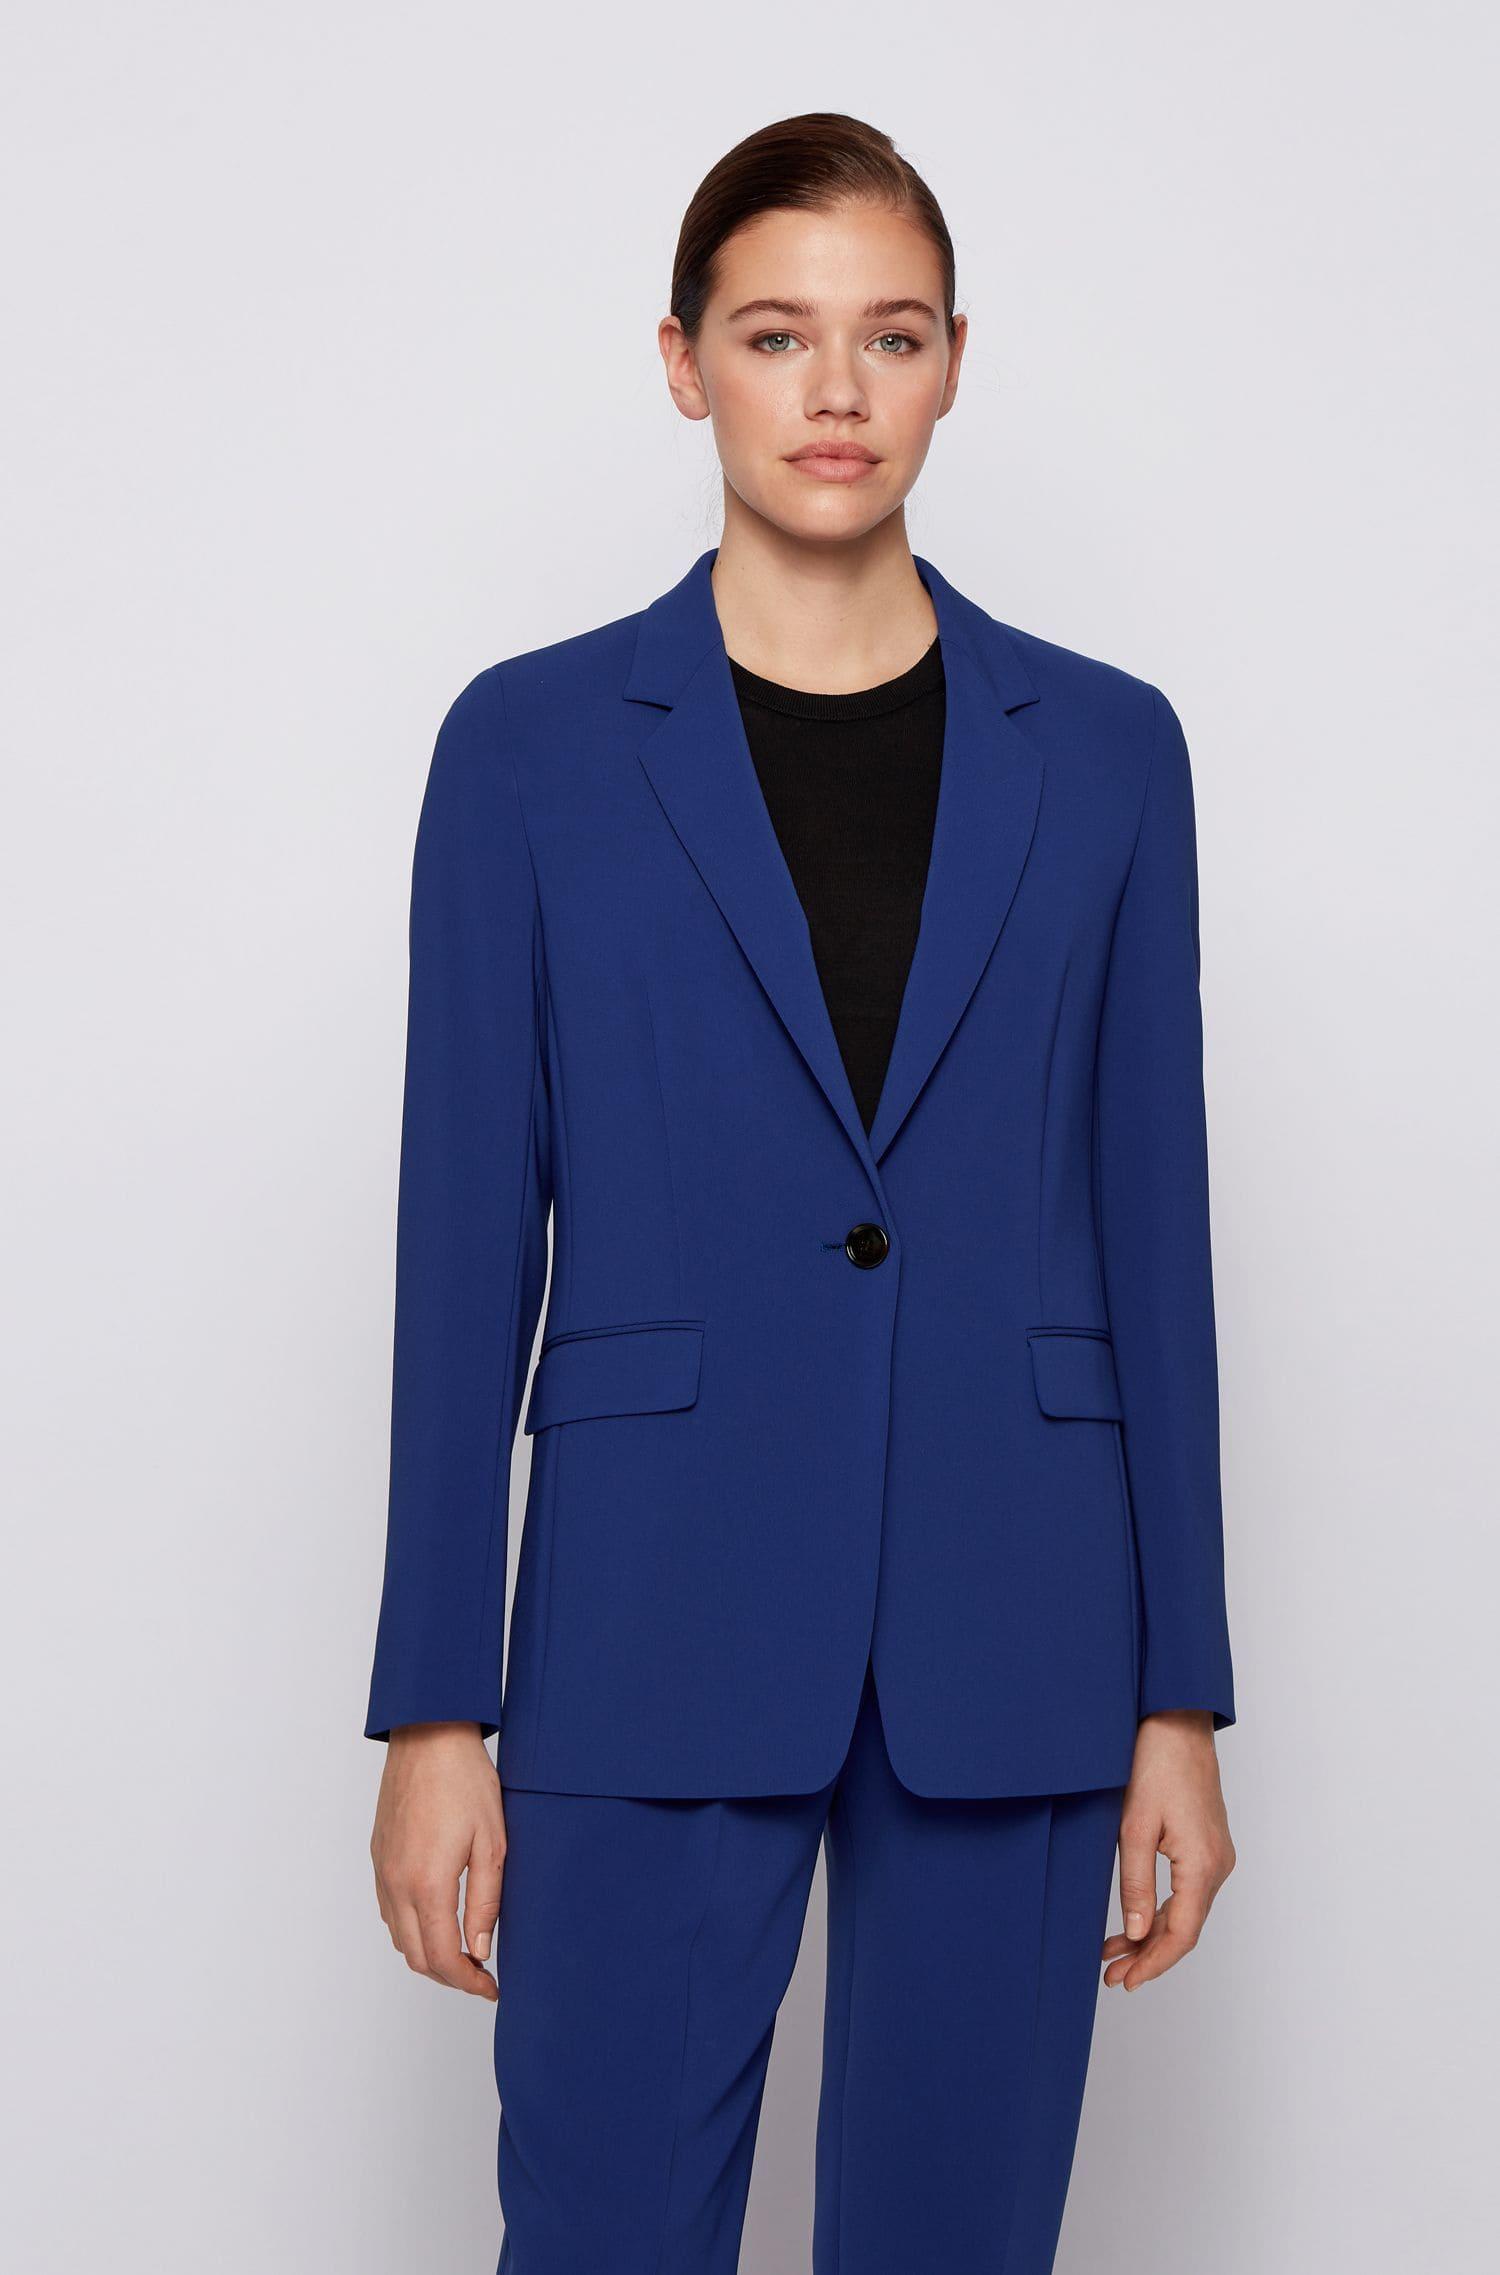 Blå kostym kvinna från Hugo Boss